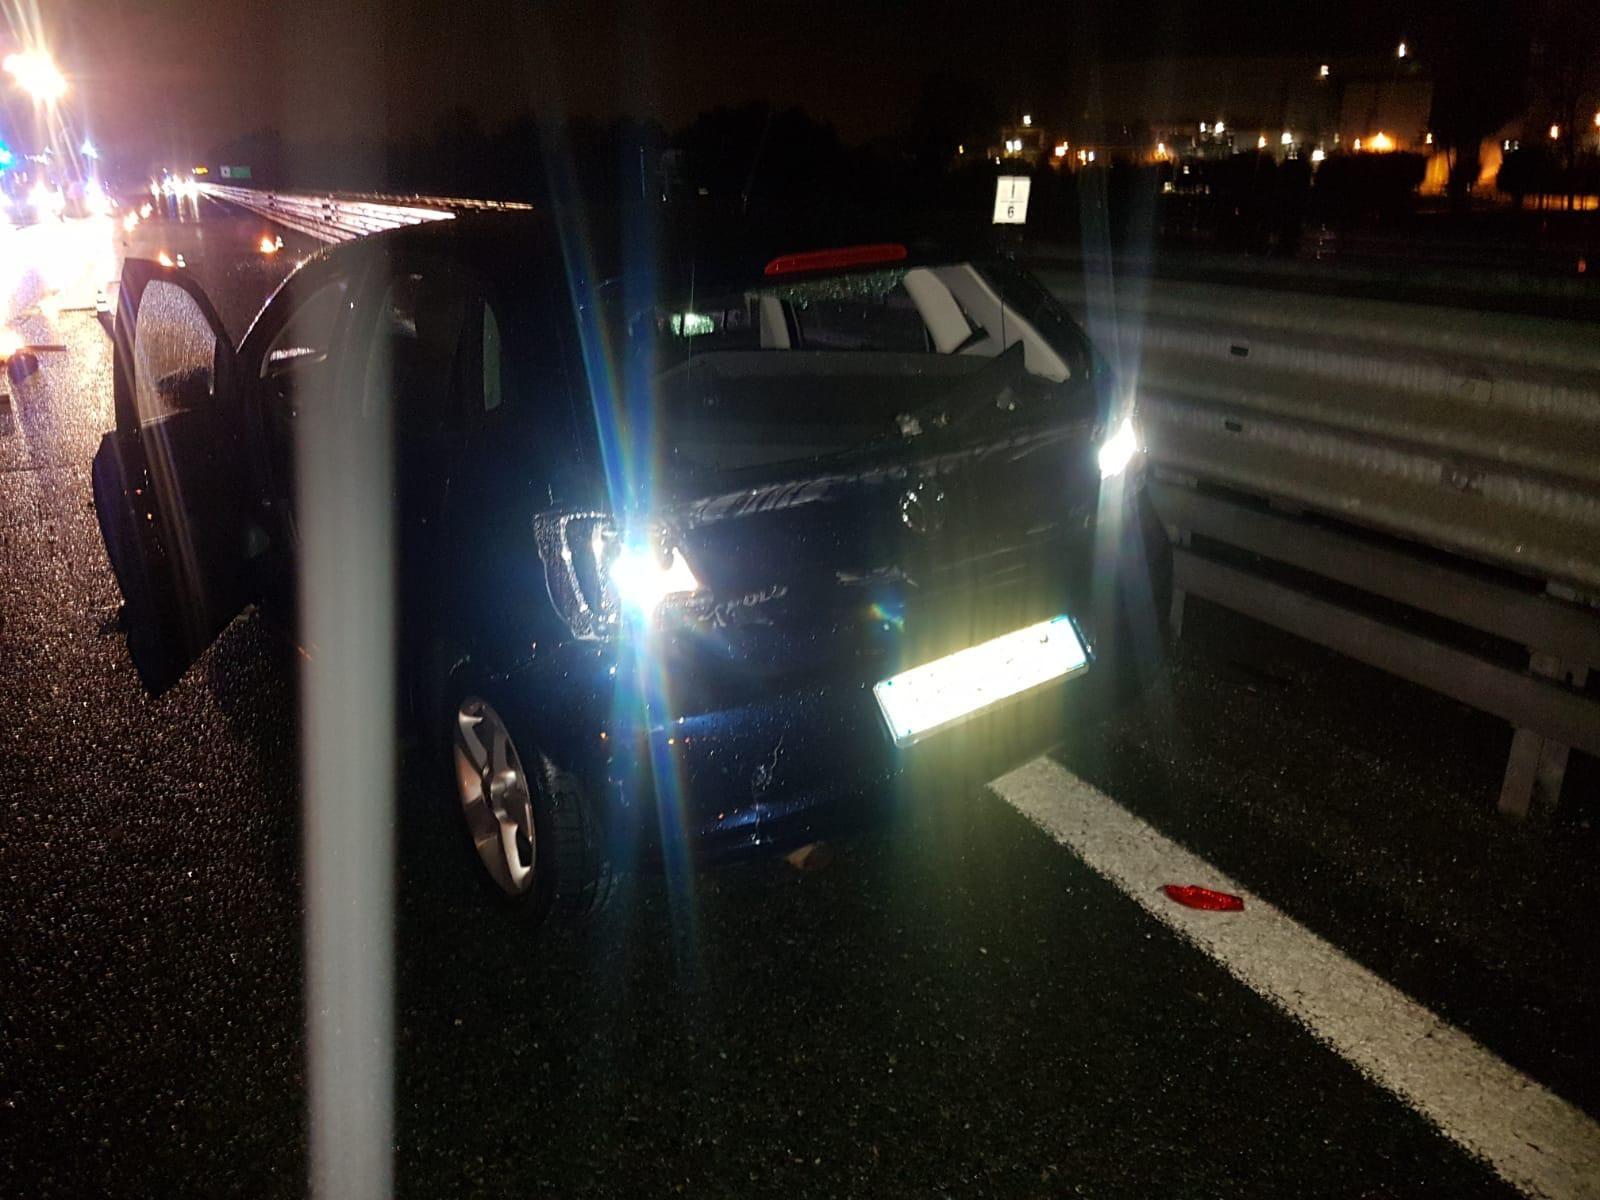 AUTOSTRADA A5 - Incidente stradale a Volpiano: tre feriti trasportati in ospedale a Chivasso - FOTO